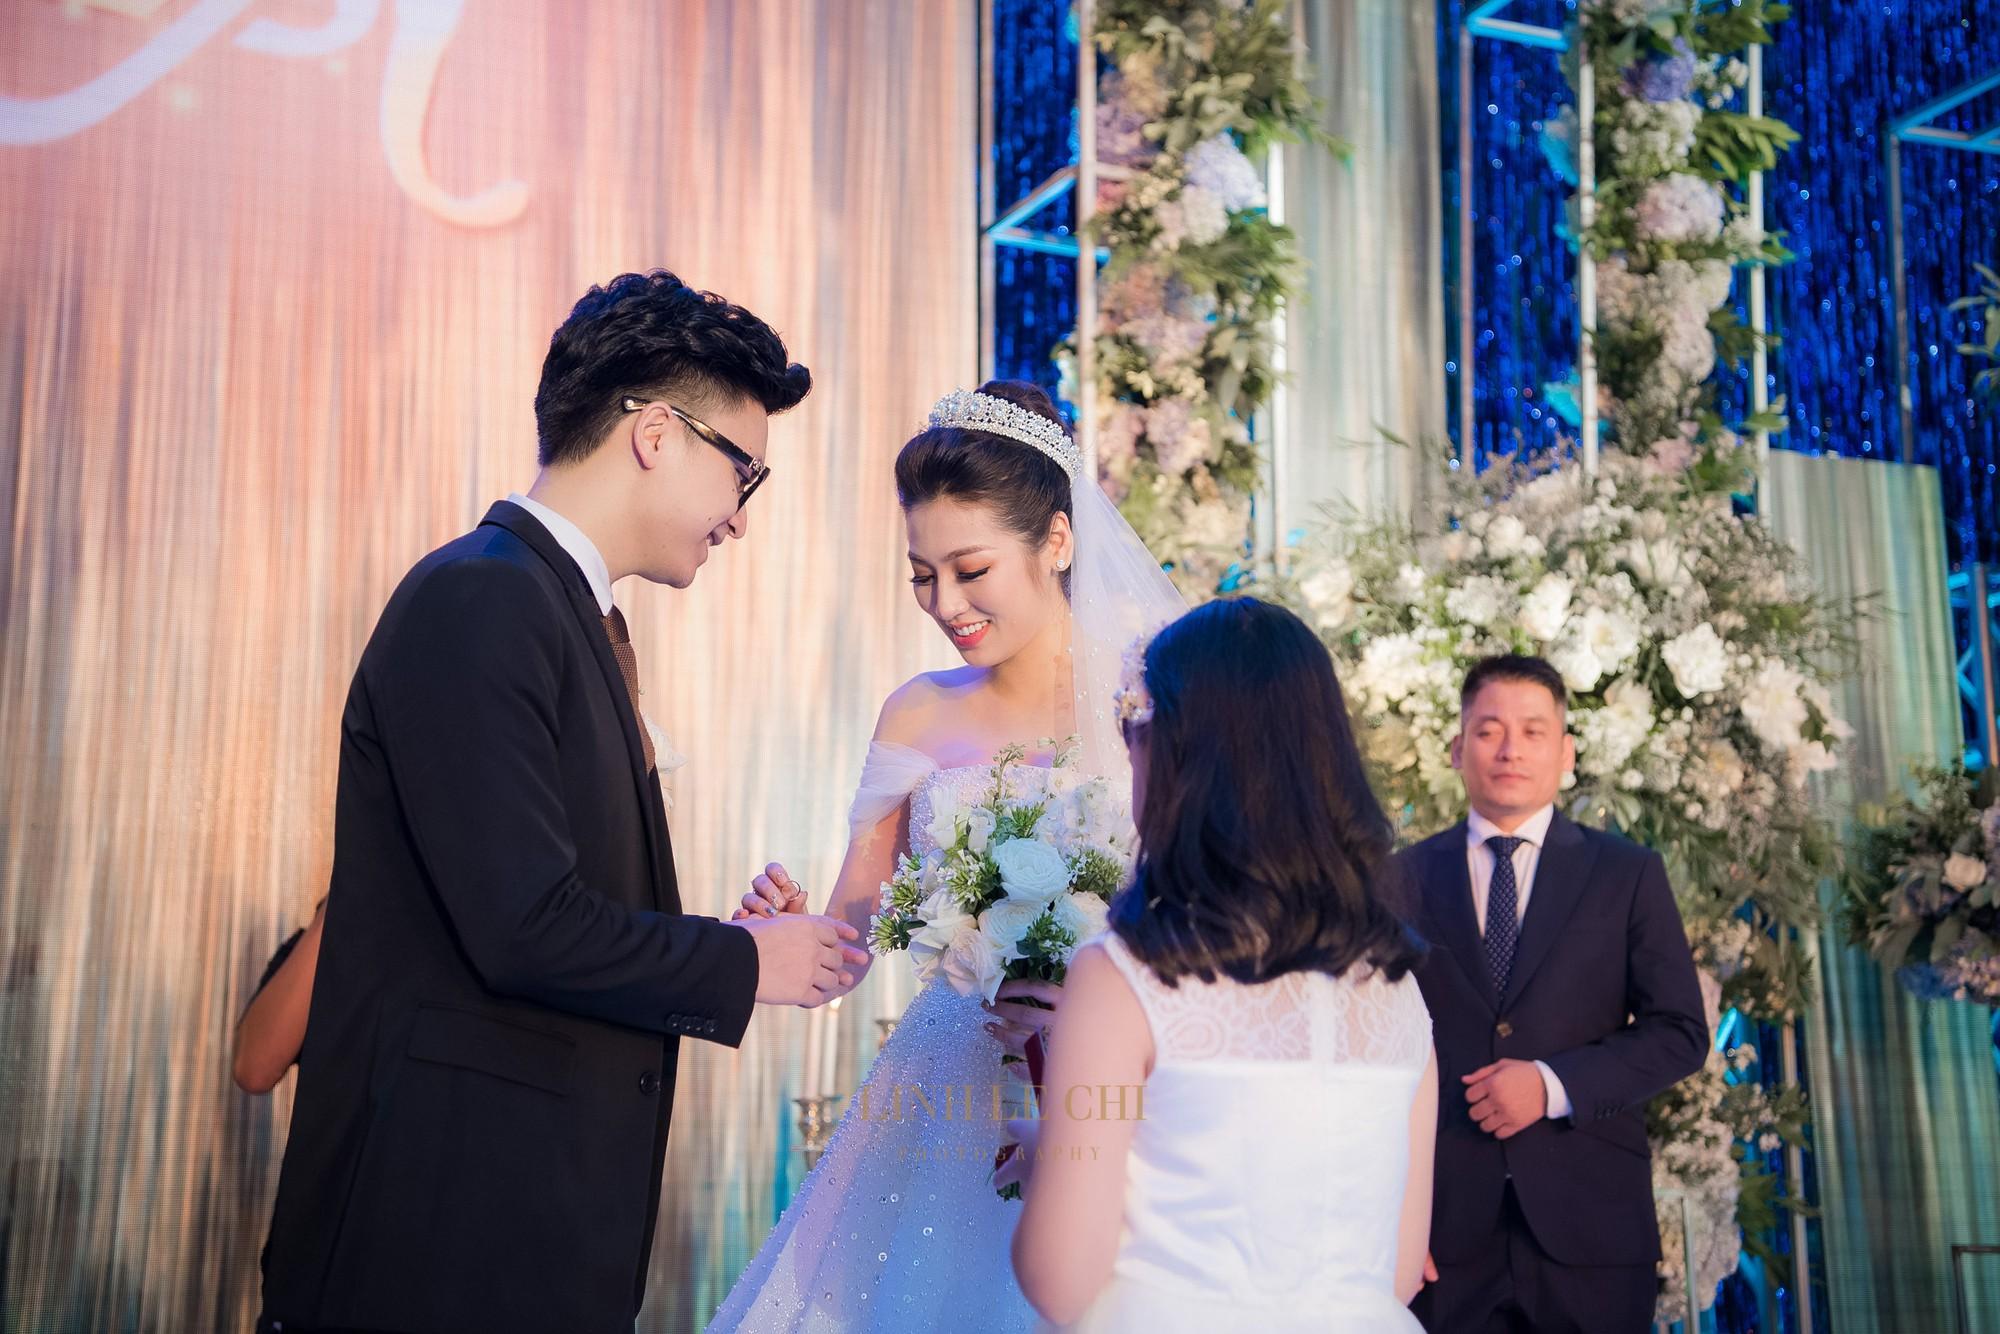 Ảnh đẹp: Á hậu Tú Anh nũng nịu ôm chặt ông xã trong tiệc cưới sang trọng ở Hà Nội - Ảnh 10.